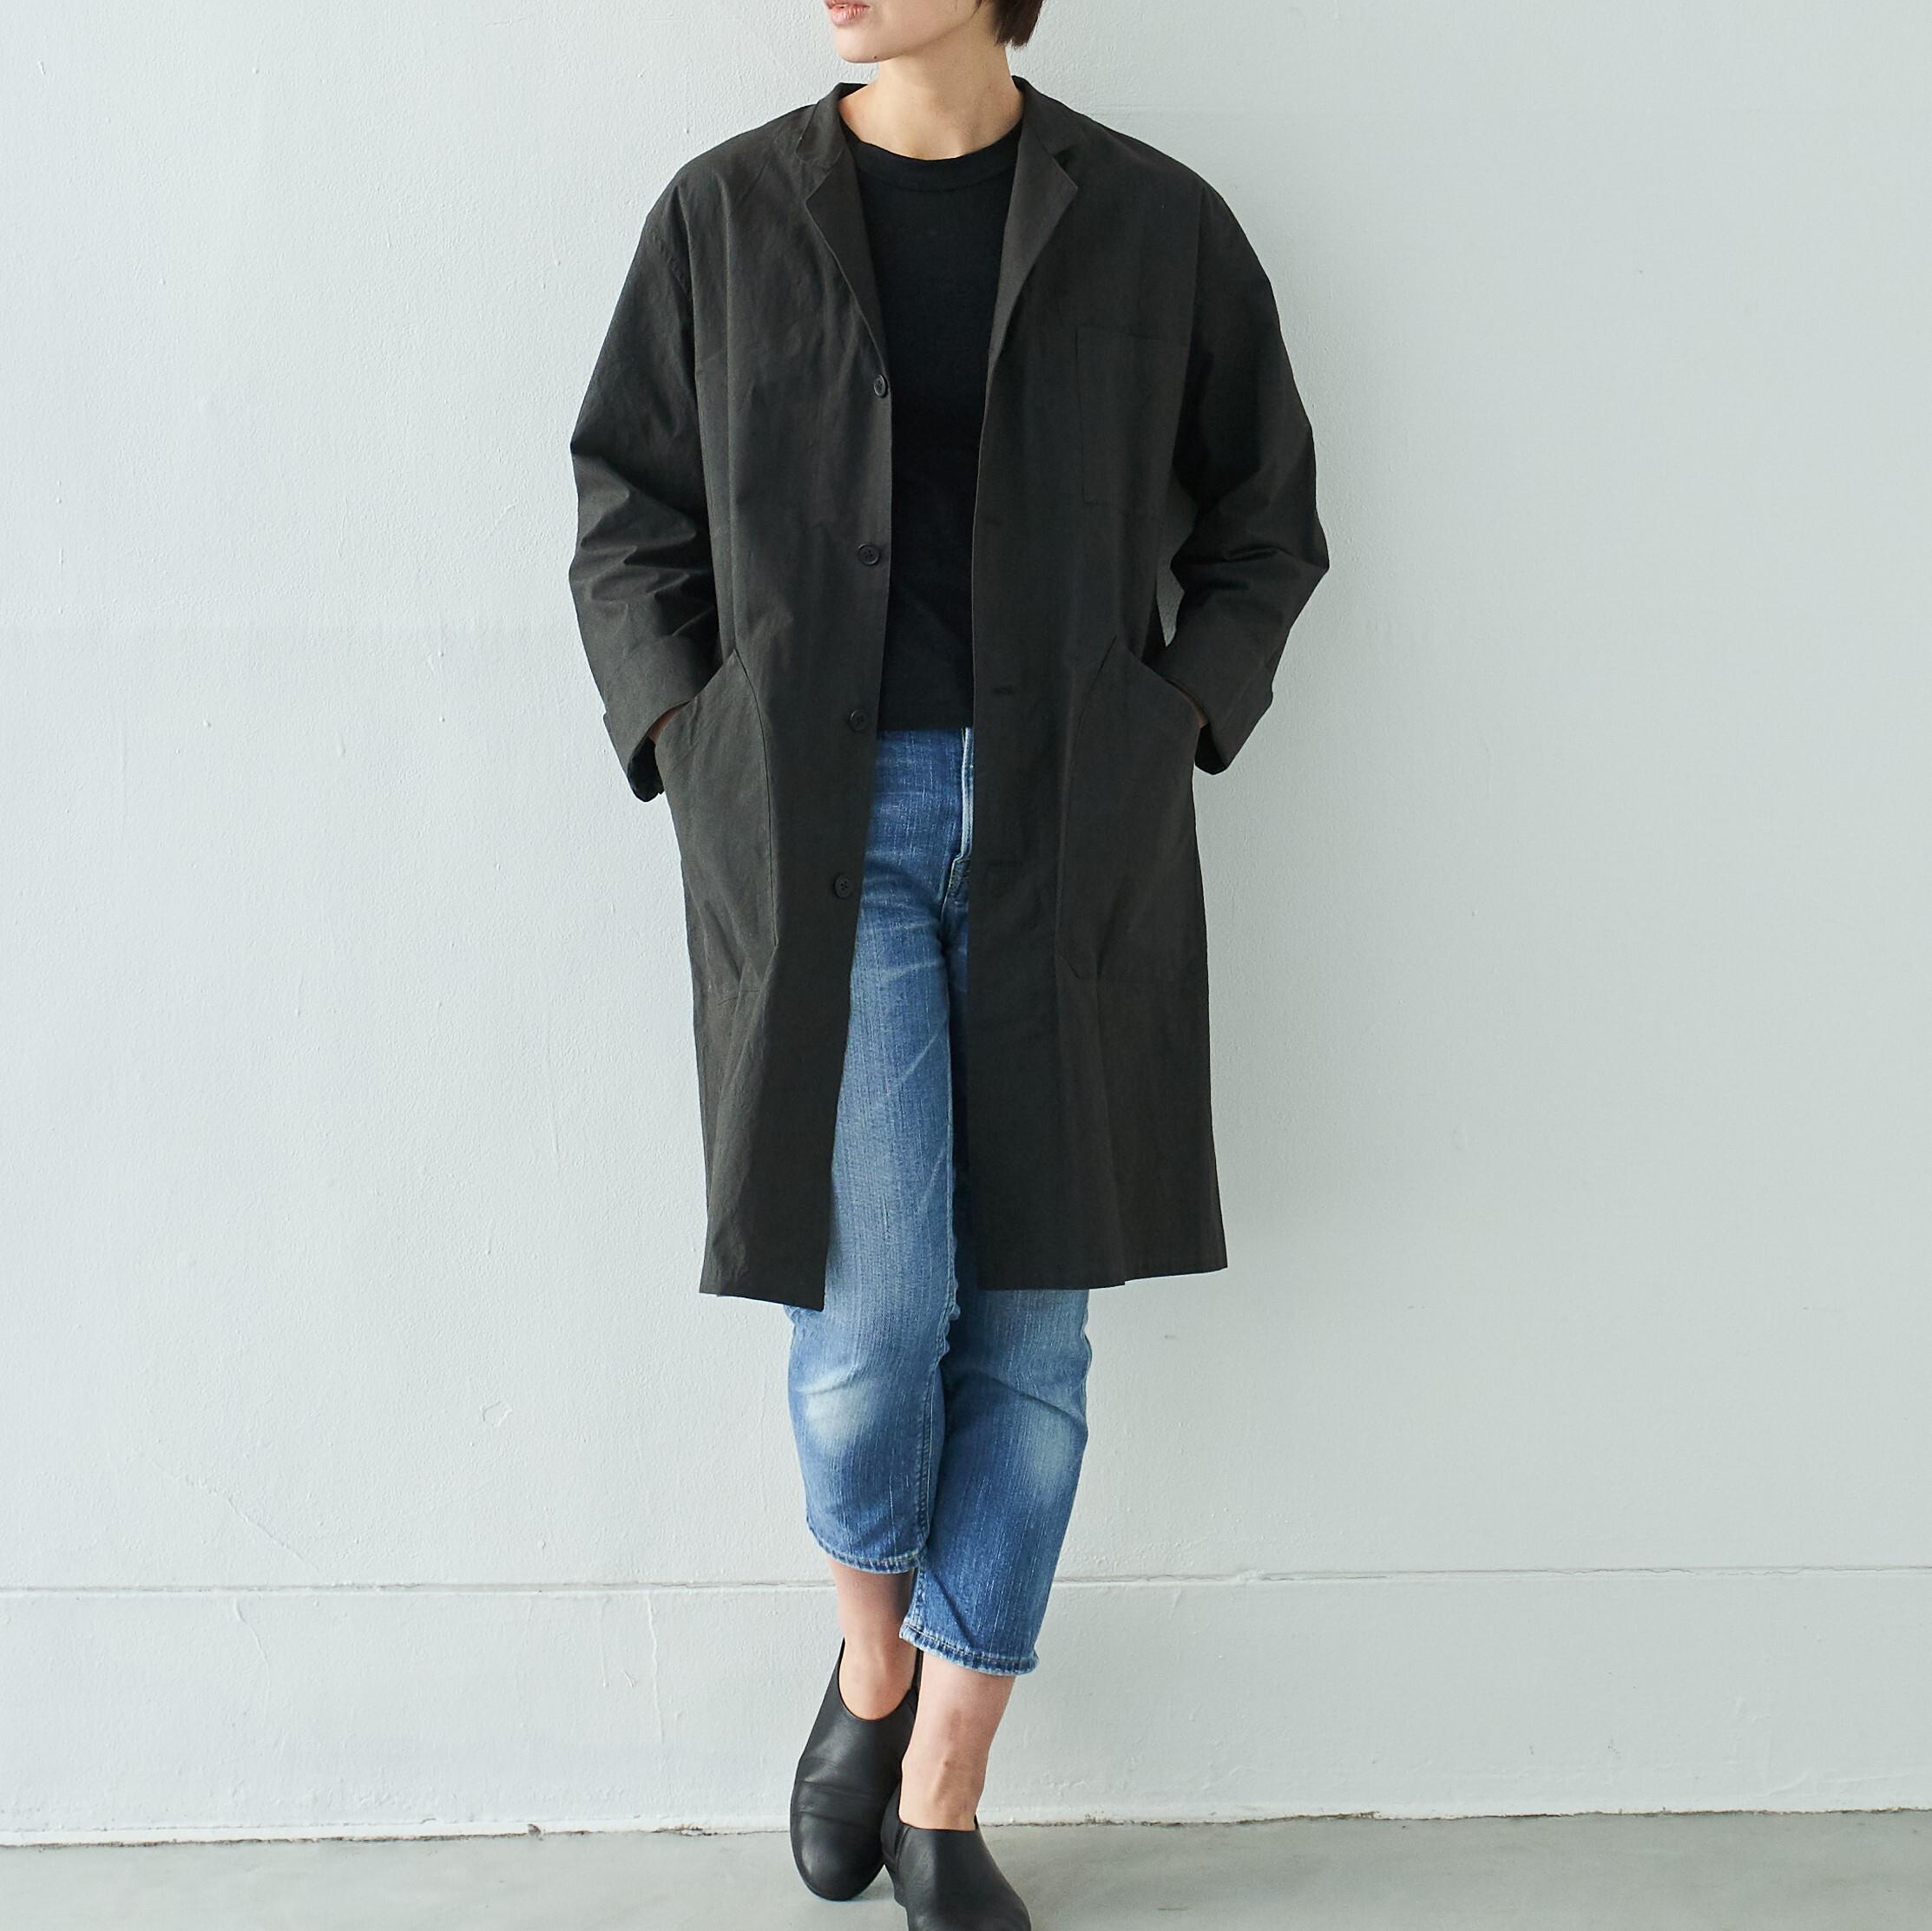 アトリエコート atelier coat / コットン cotton